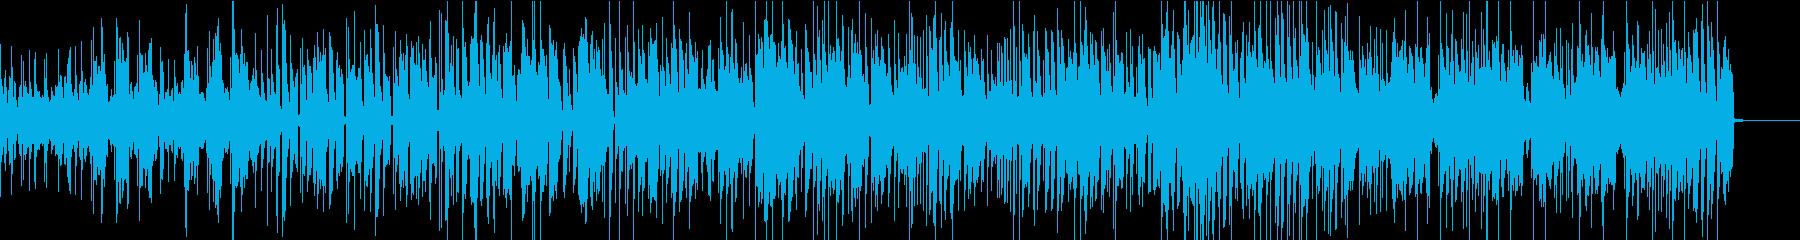 オルガンとピアノが交錯するポップなジャズの再生済みの波形